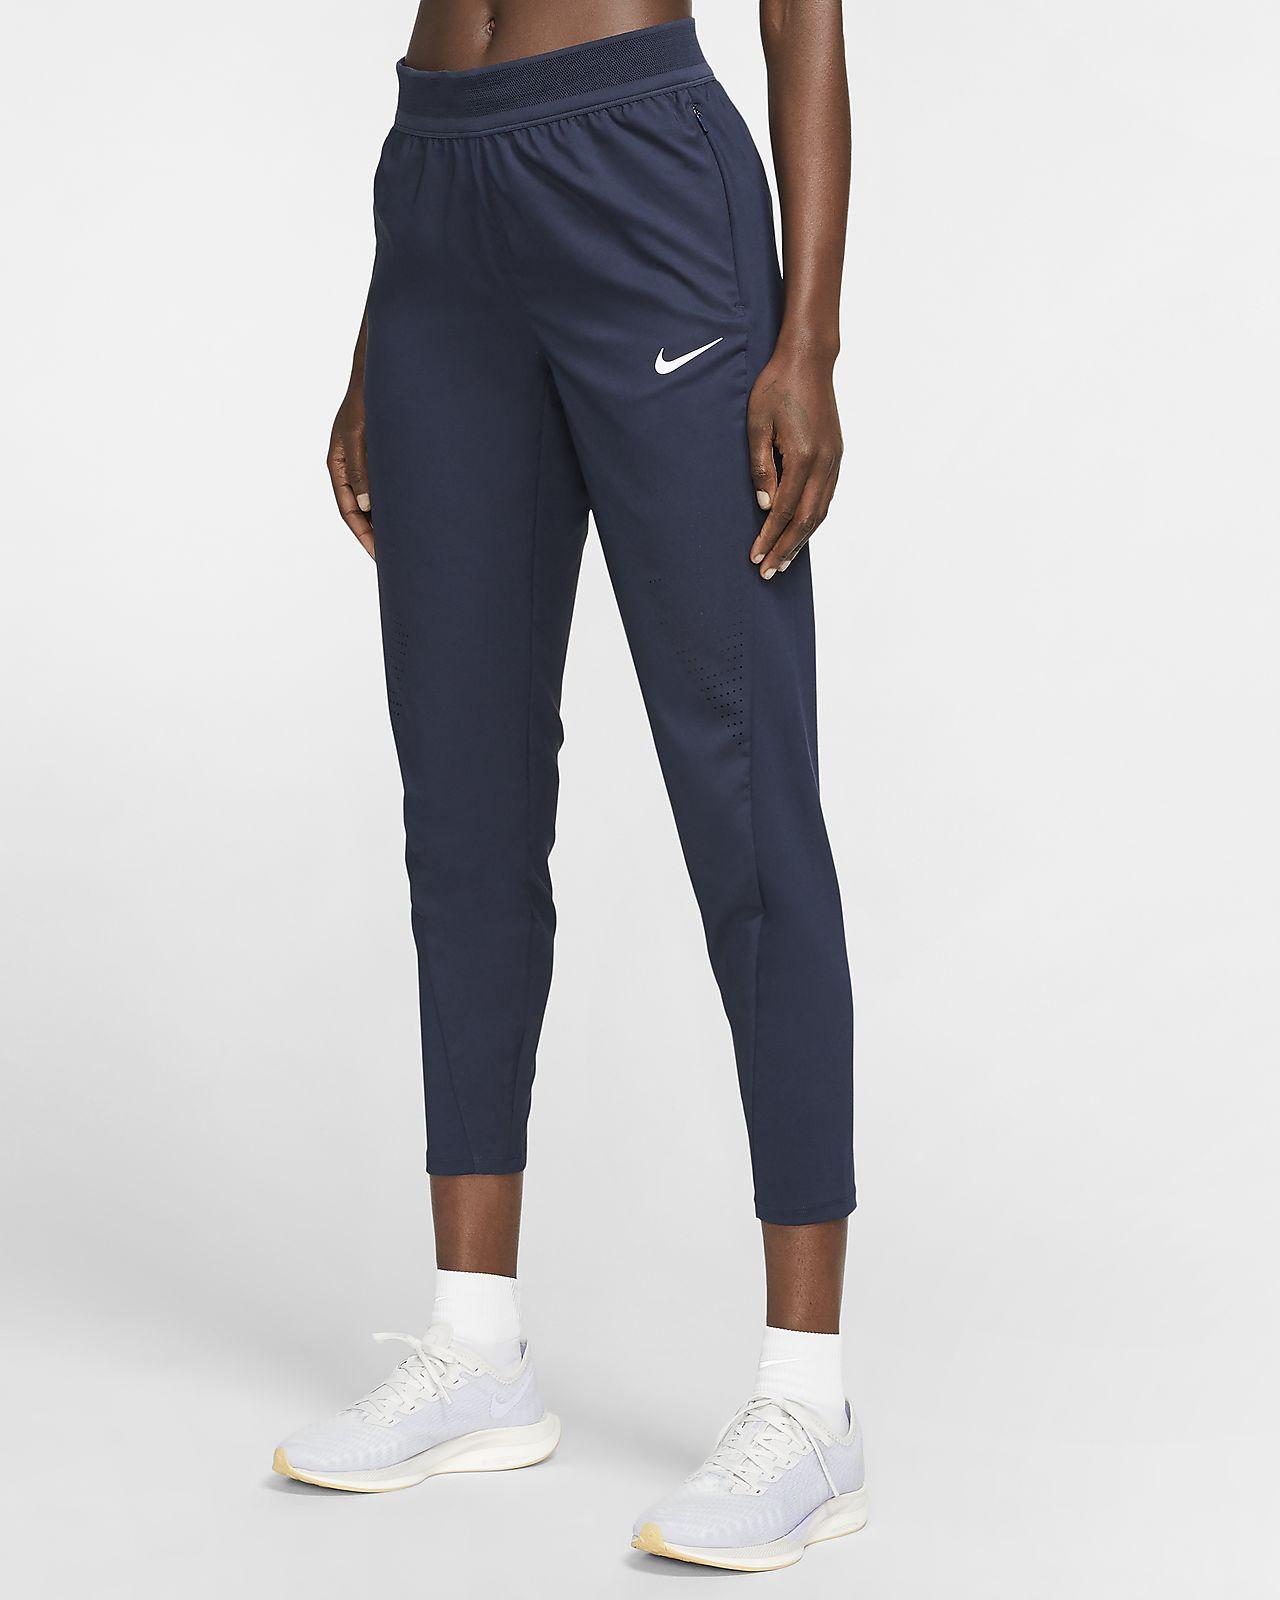 Nike Swift løpebukse til dame